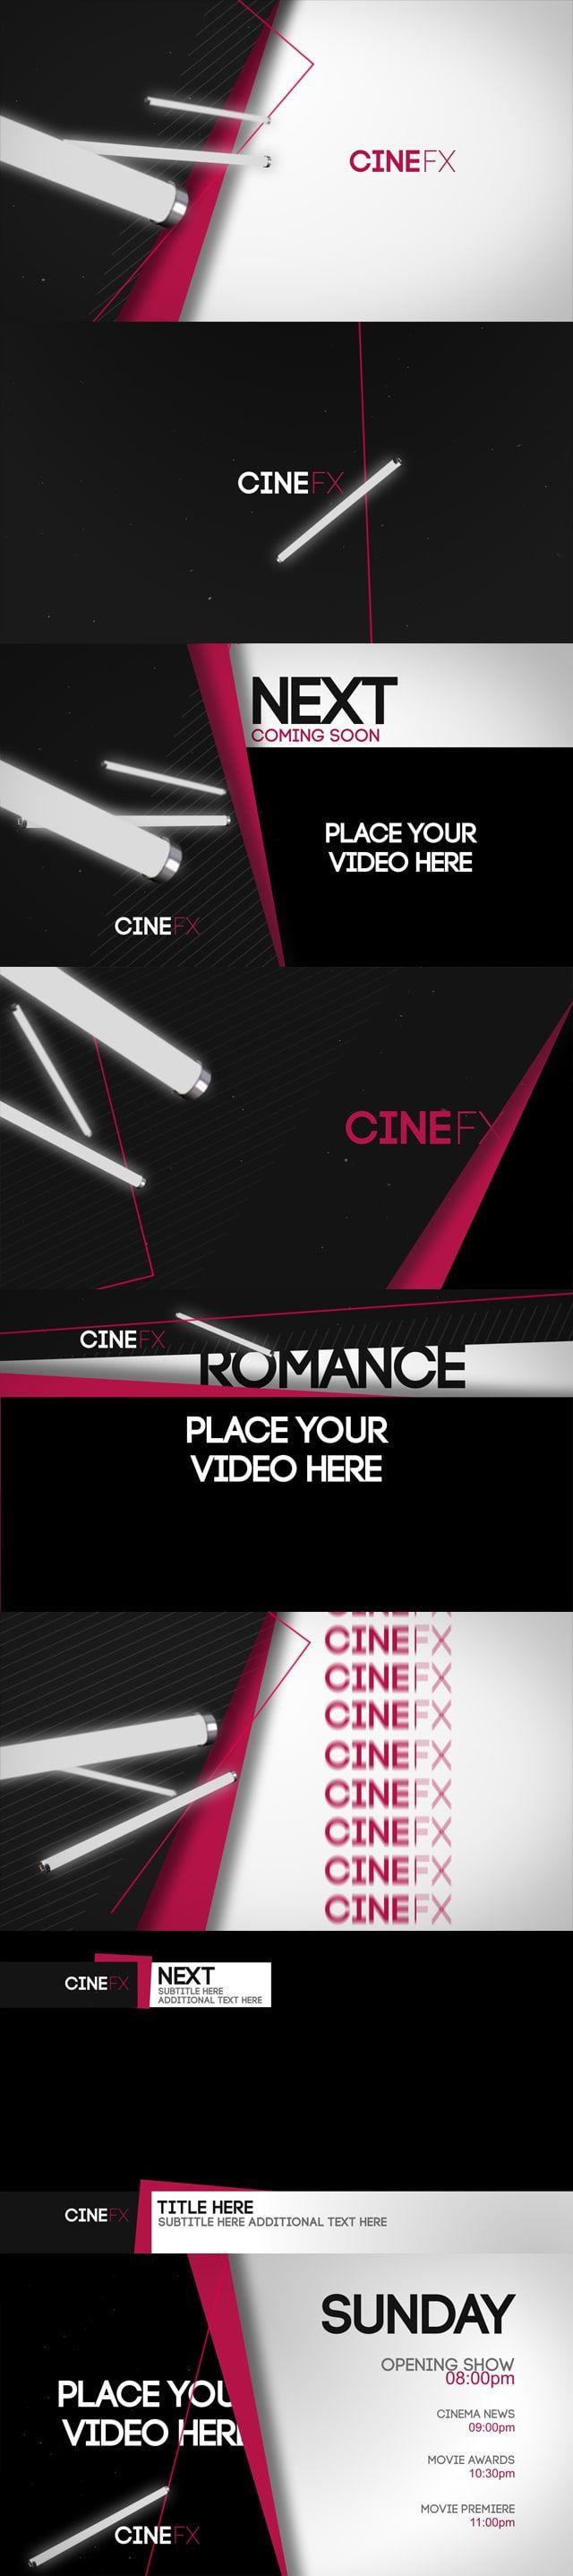 دانلود پروژه آماده افترافکت کانال اخبار Cine FX Broadcast Channel Package